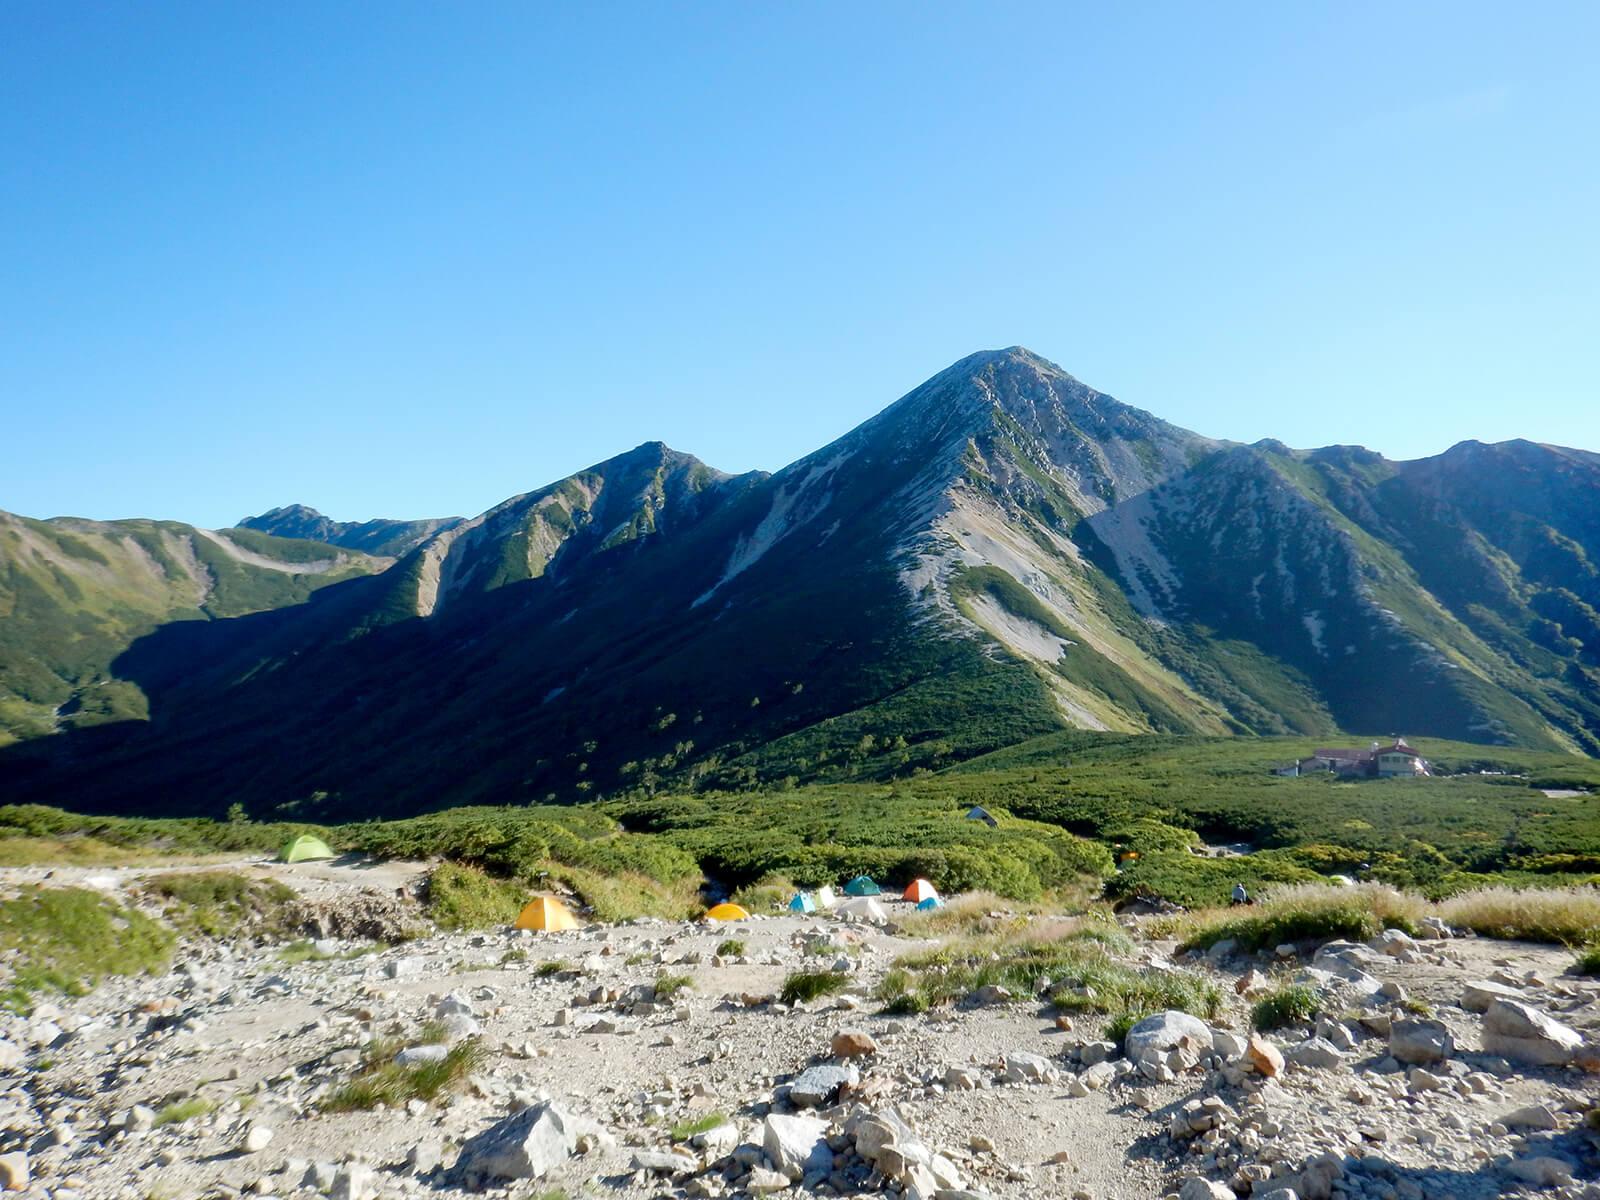 三俣山荘のテント場から見る鷲羽岳